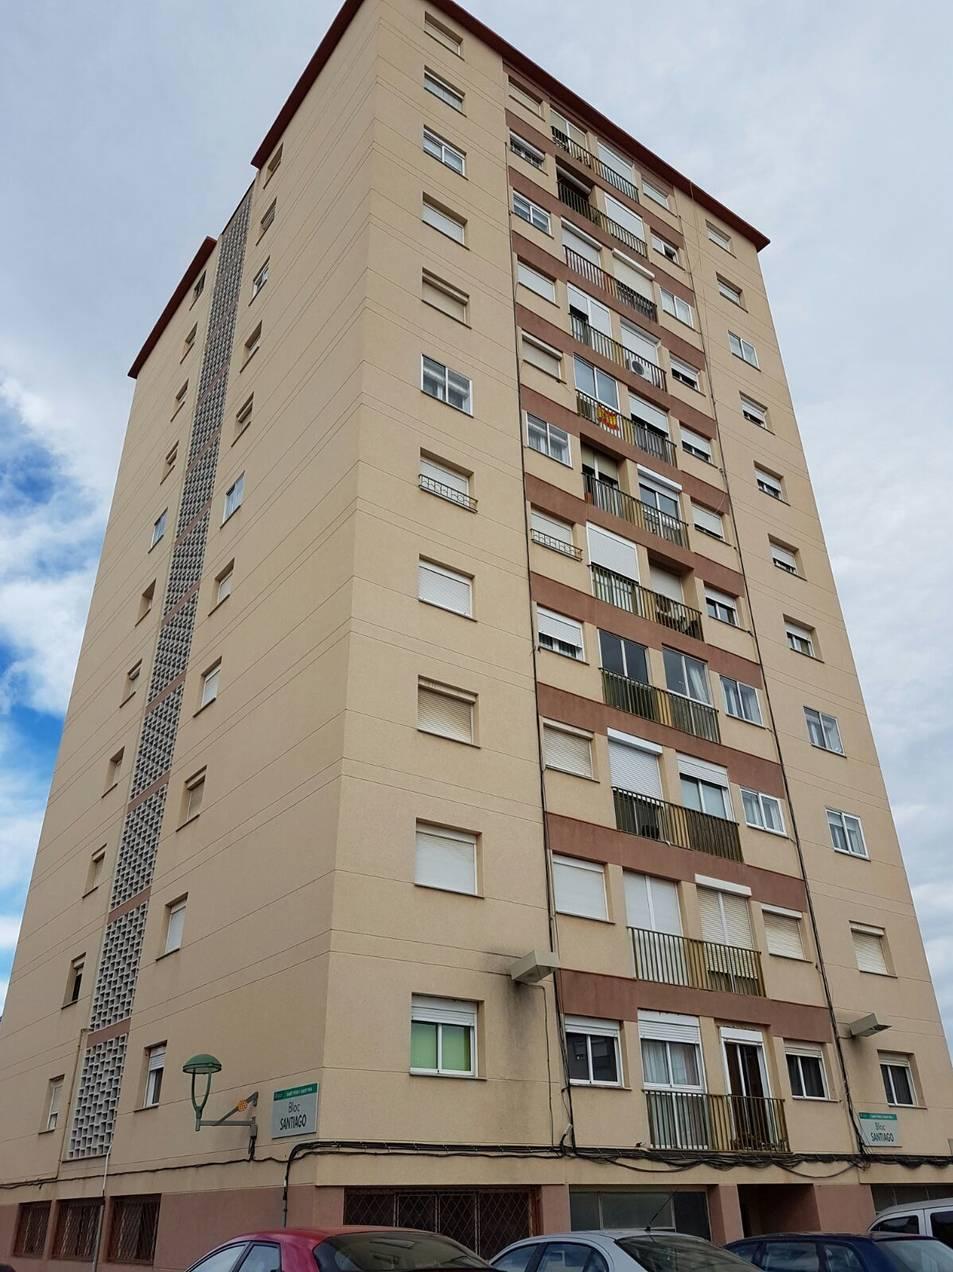 Una imatge de l'edifici, a tocar de la plaça de la Sardana.